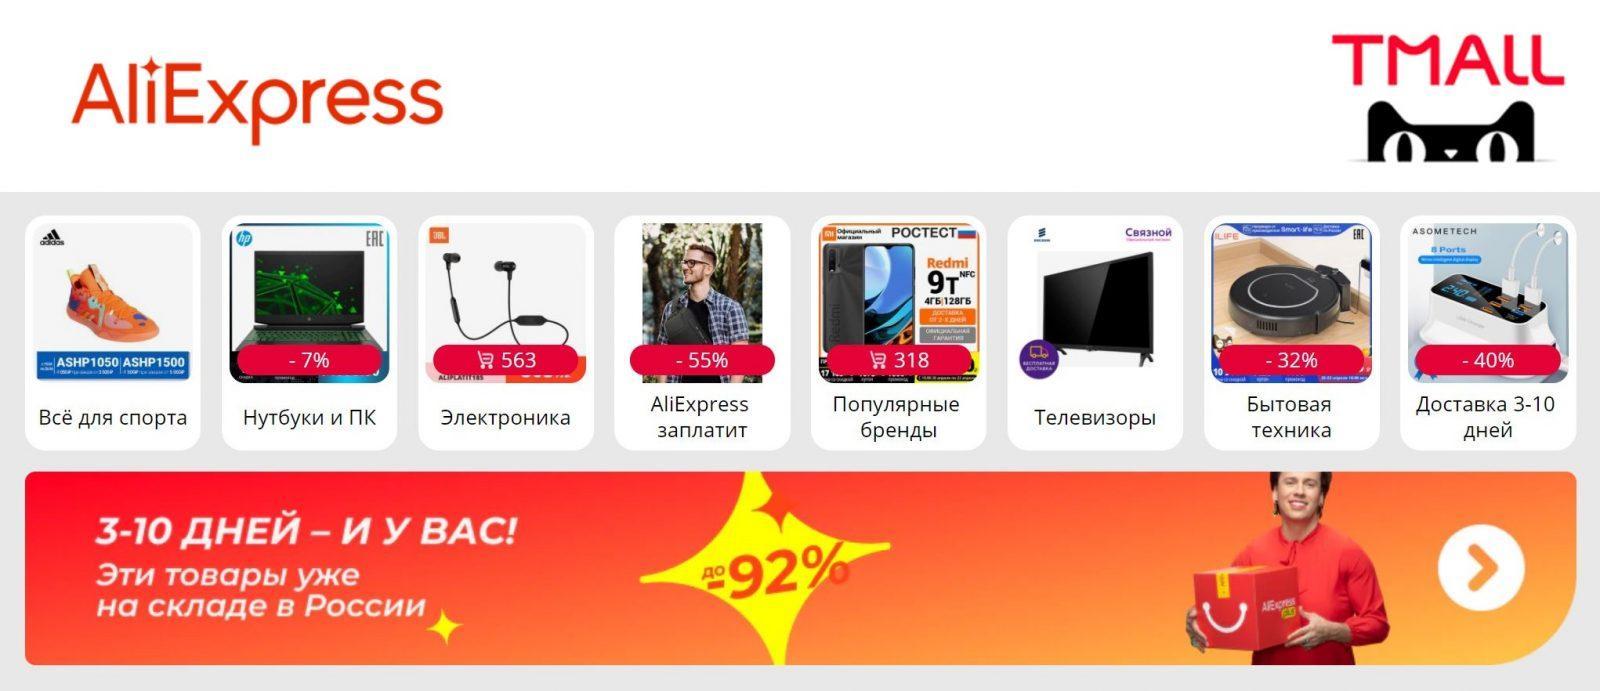 Мини-распродажа «Доставка из России» со скидками до 65% на AliExpress Tmall